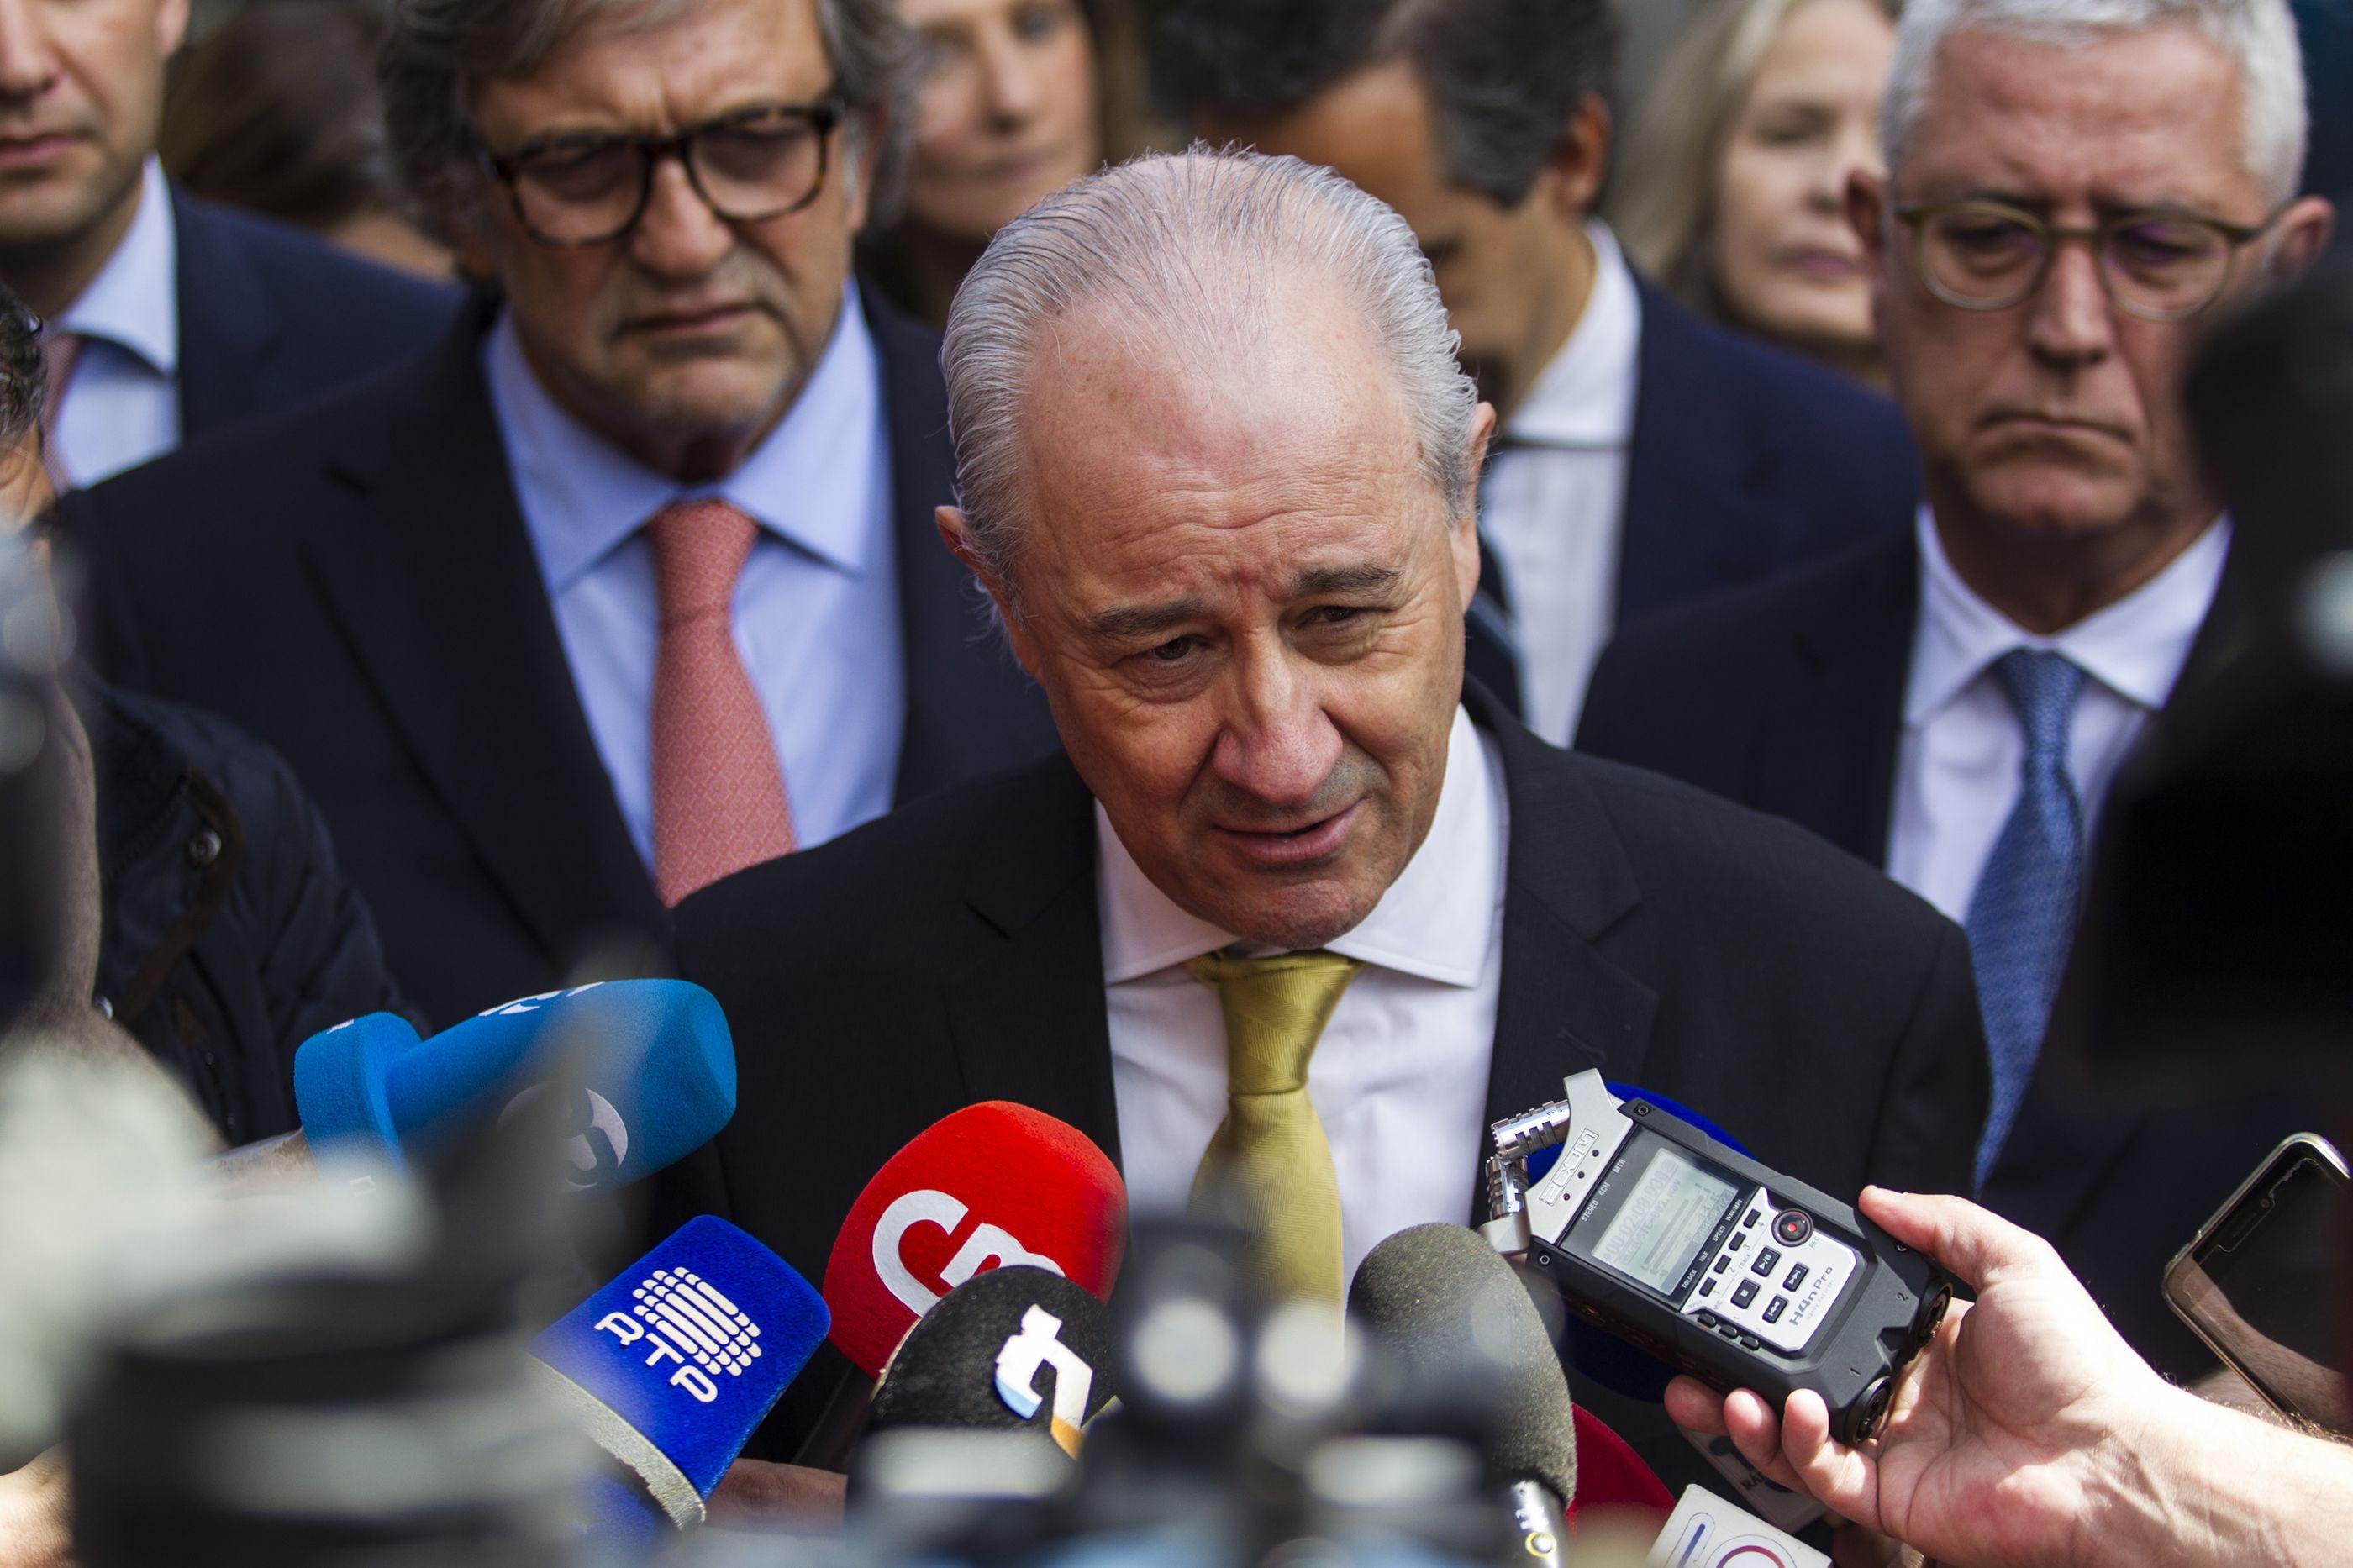 """""""PSD não tem estado devidamente envolvido nas questões agrícolas"""""""